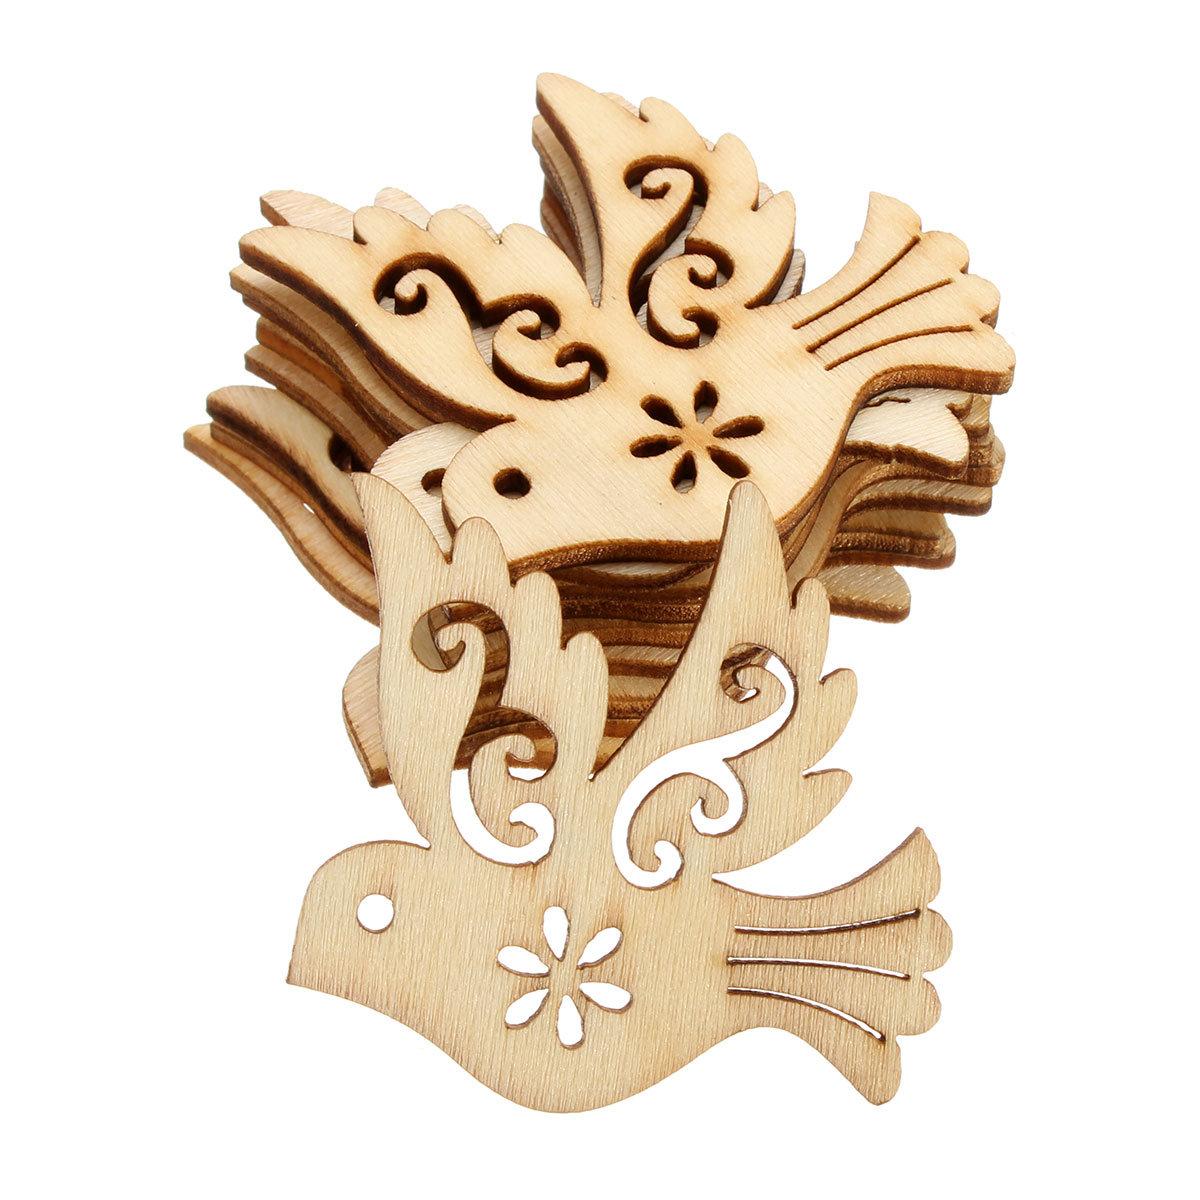 10Pcs Bird Cutting Wood Angle DIY Scrapbook